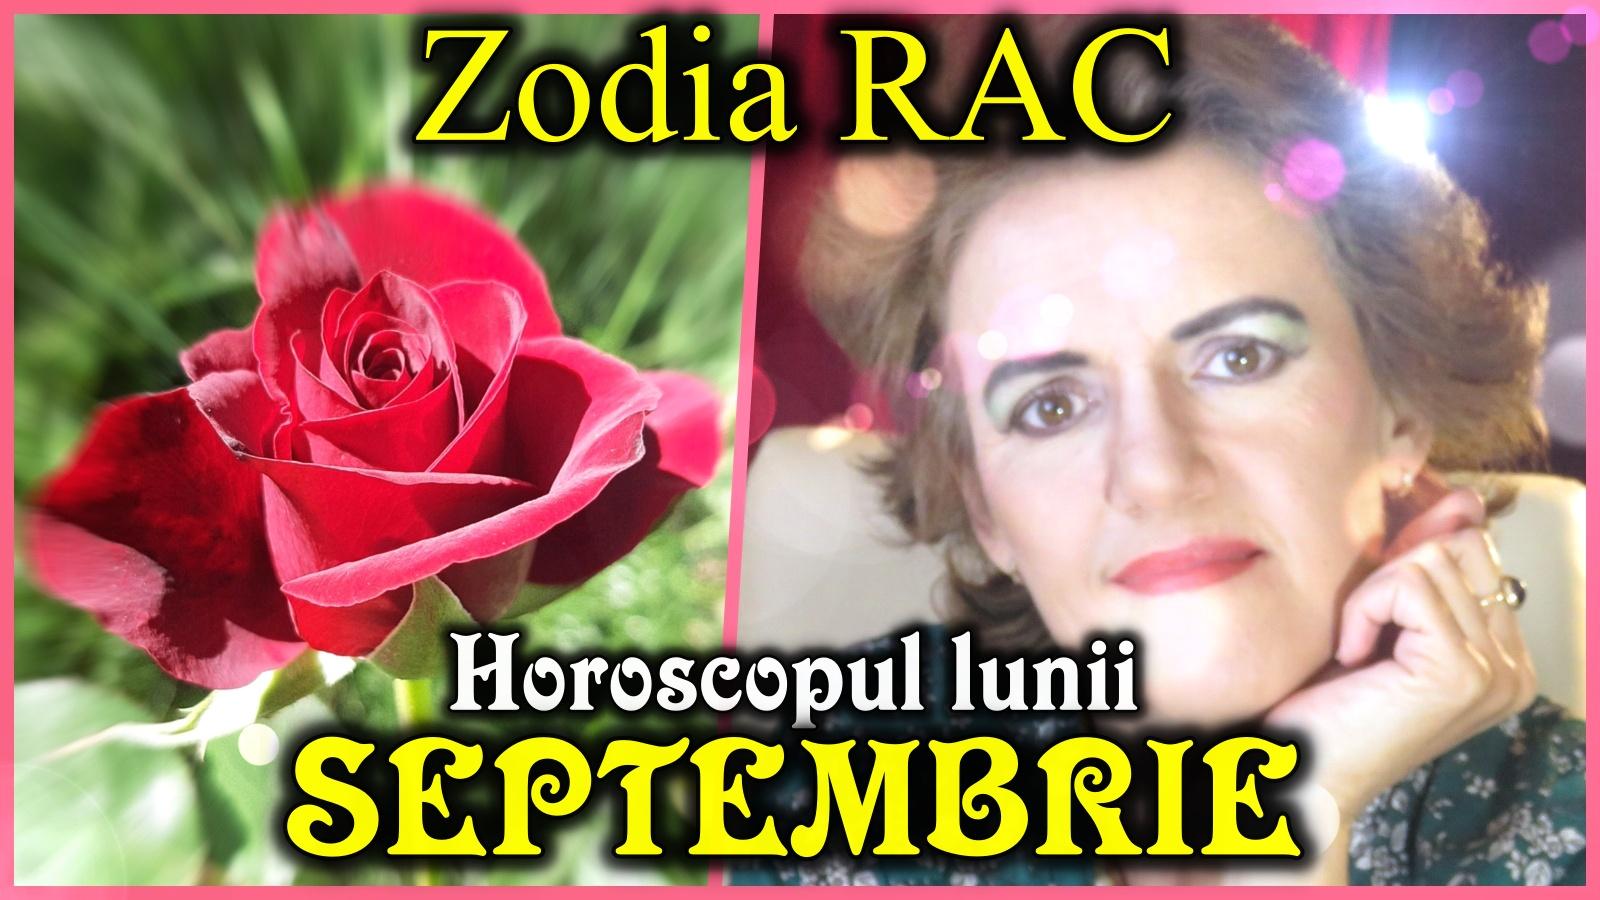 Horoscopul lunii SEPTEMBRIE * Zodia RACULUI